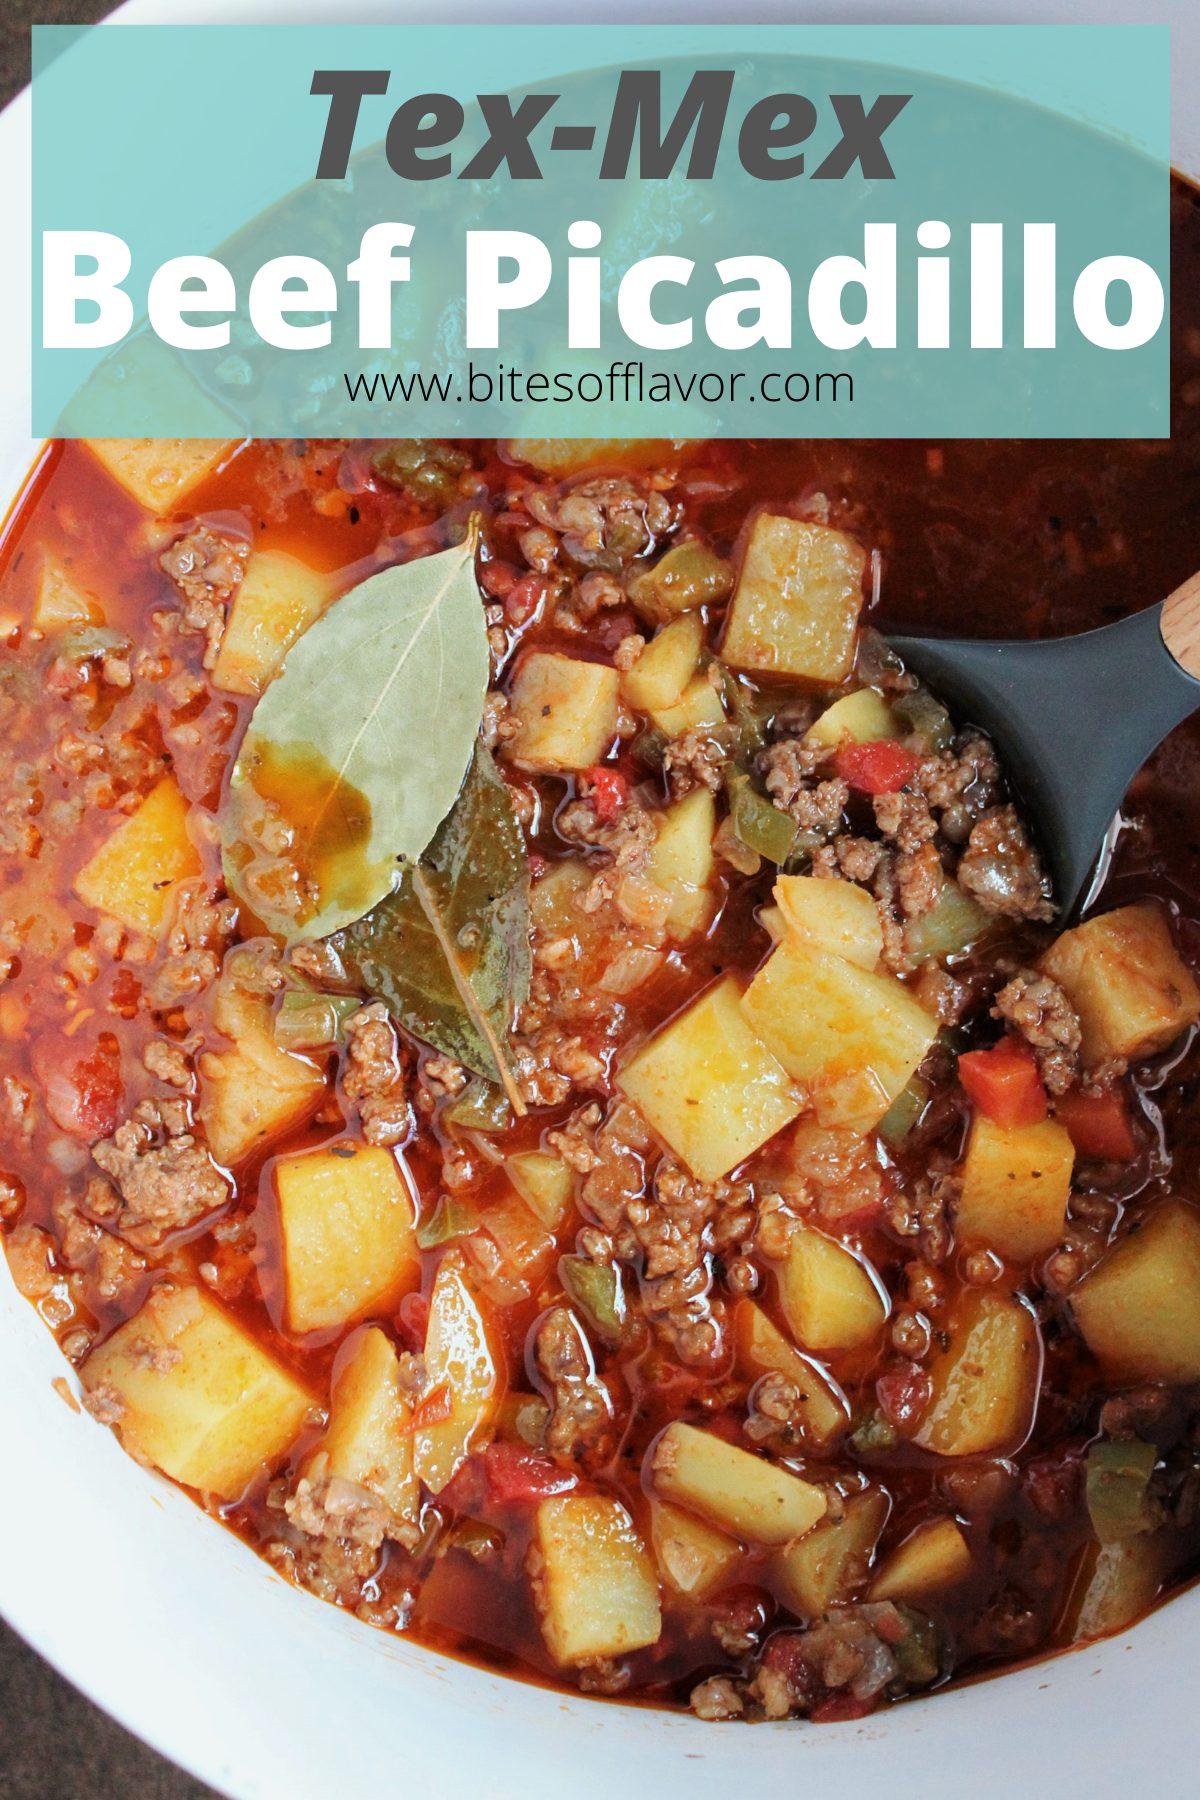 Tex-Mex Beef Picadillo